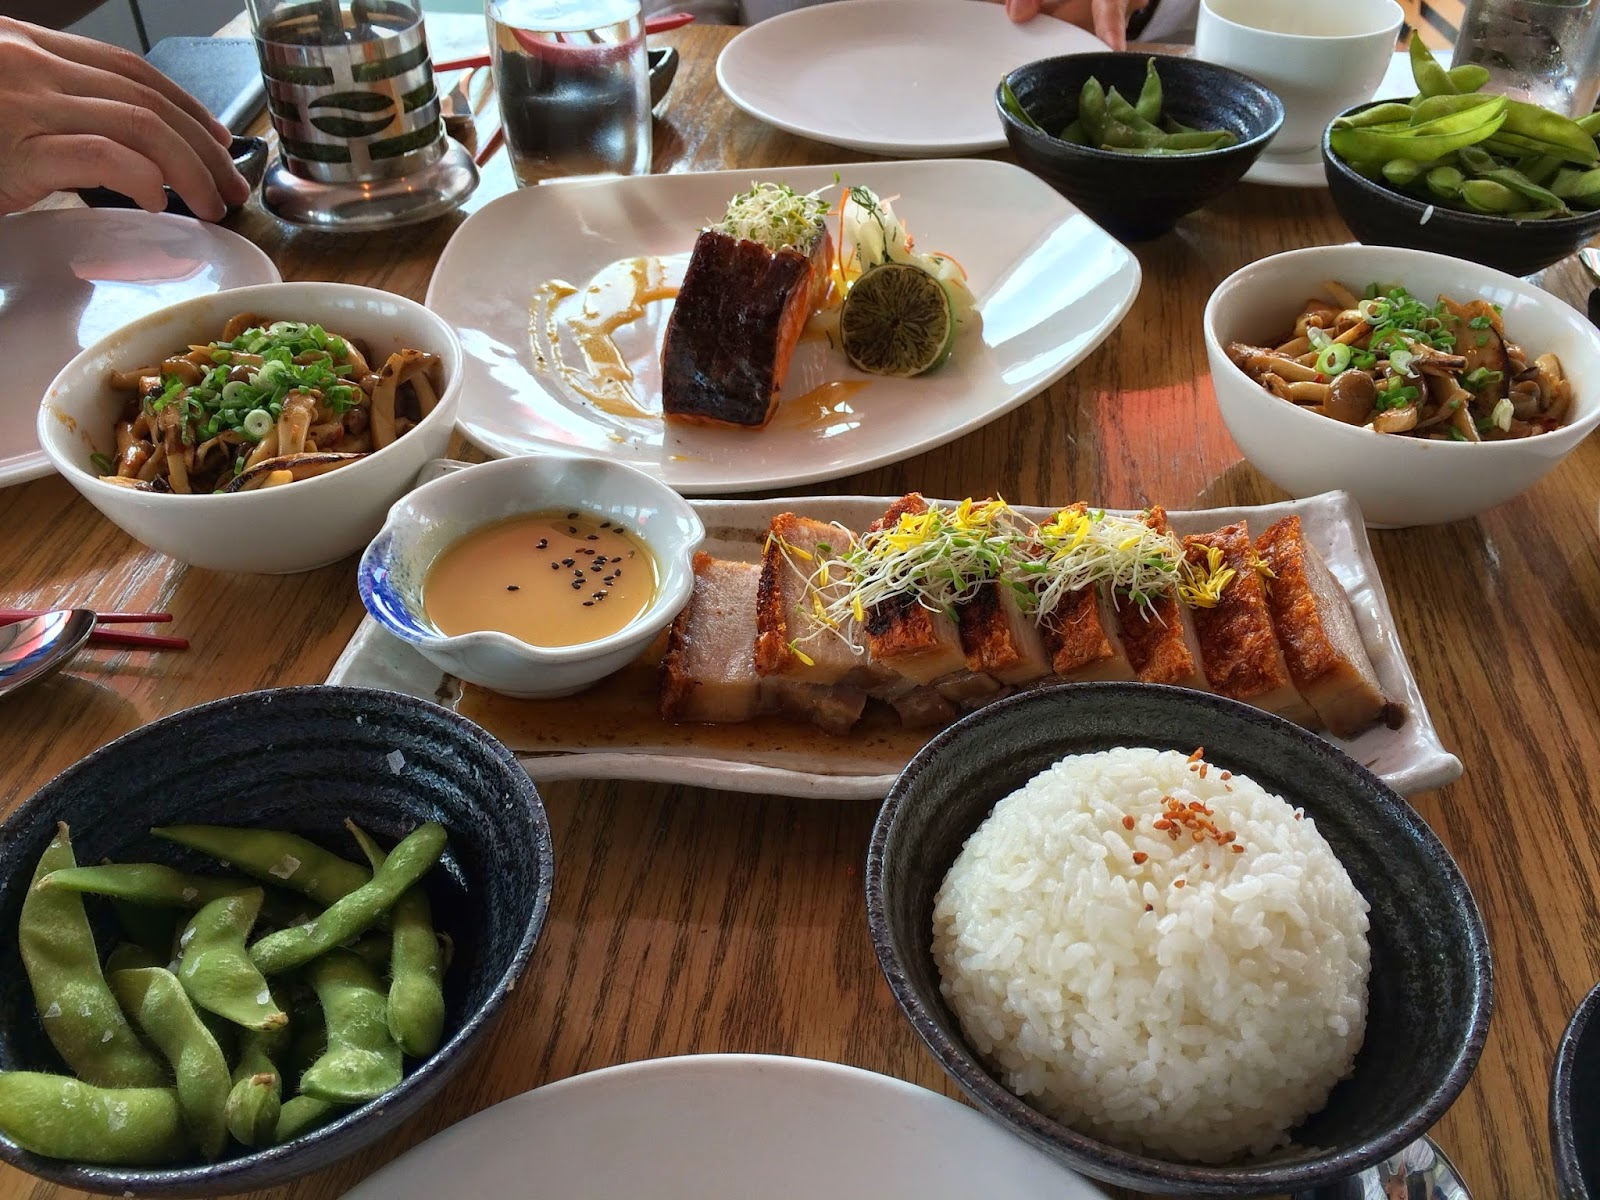 Pork Belly, Salmon and Edamame at Ku De Ta in Marina Bay Sands Singapore